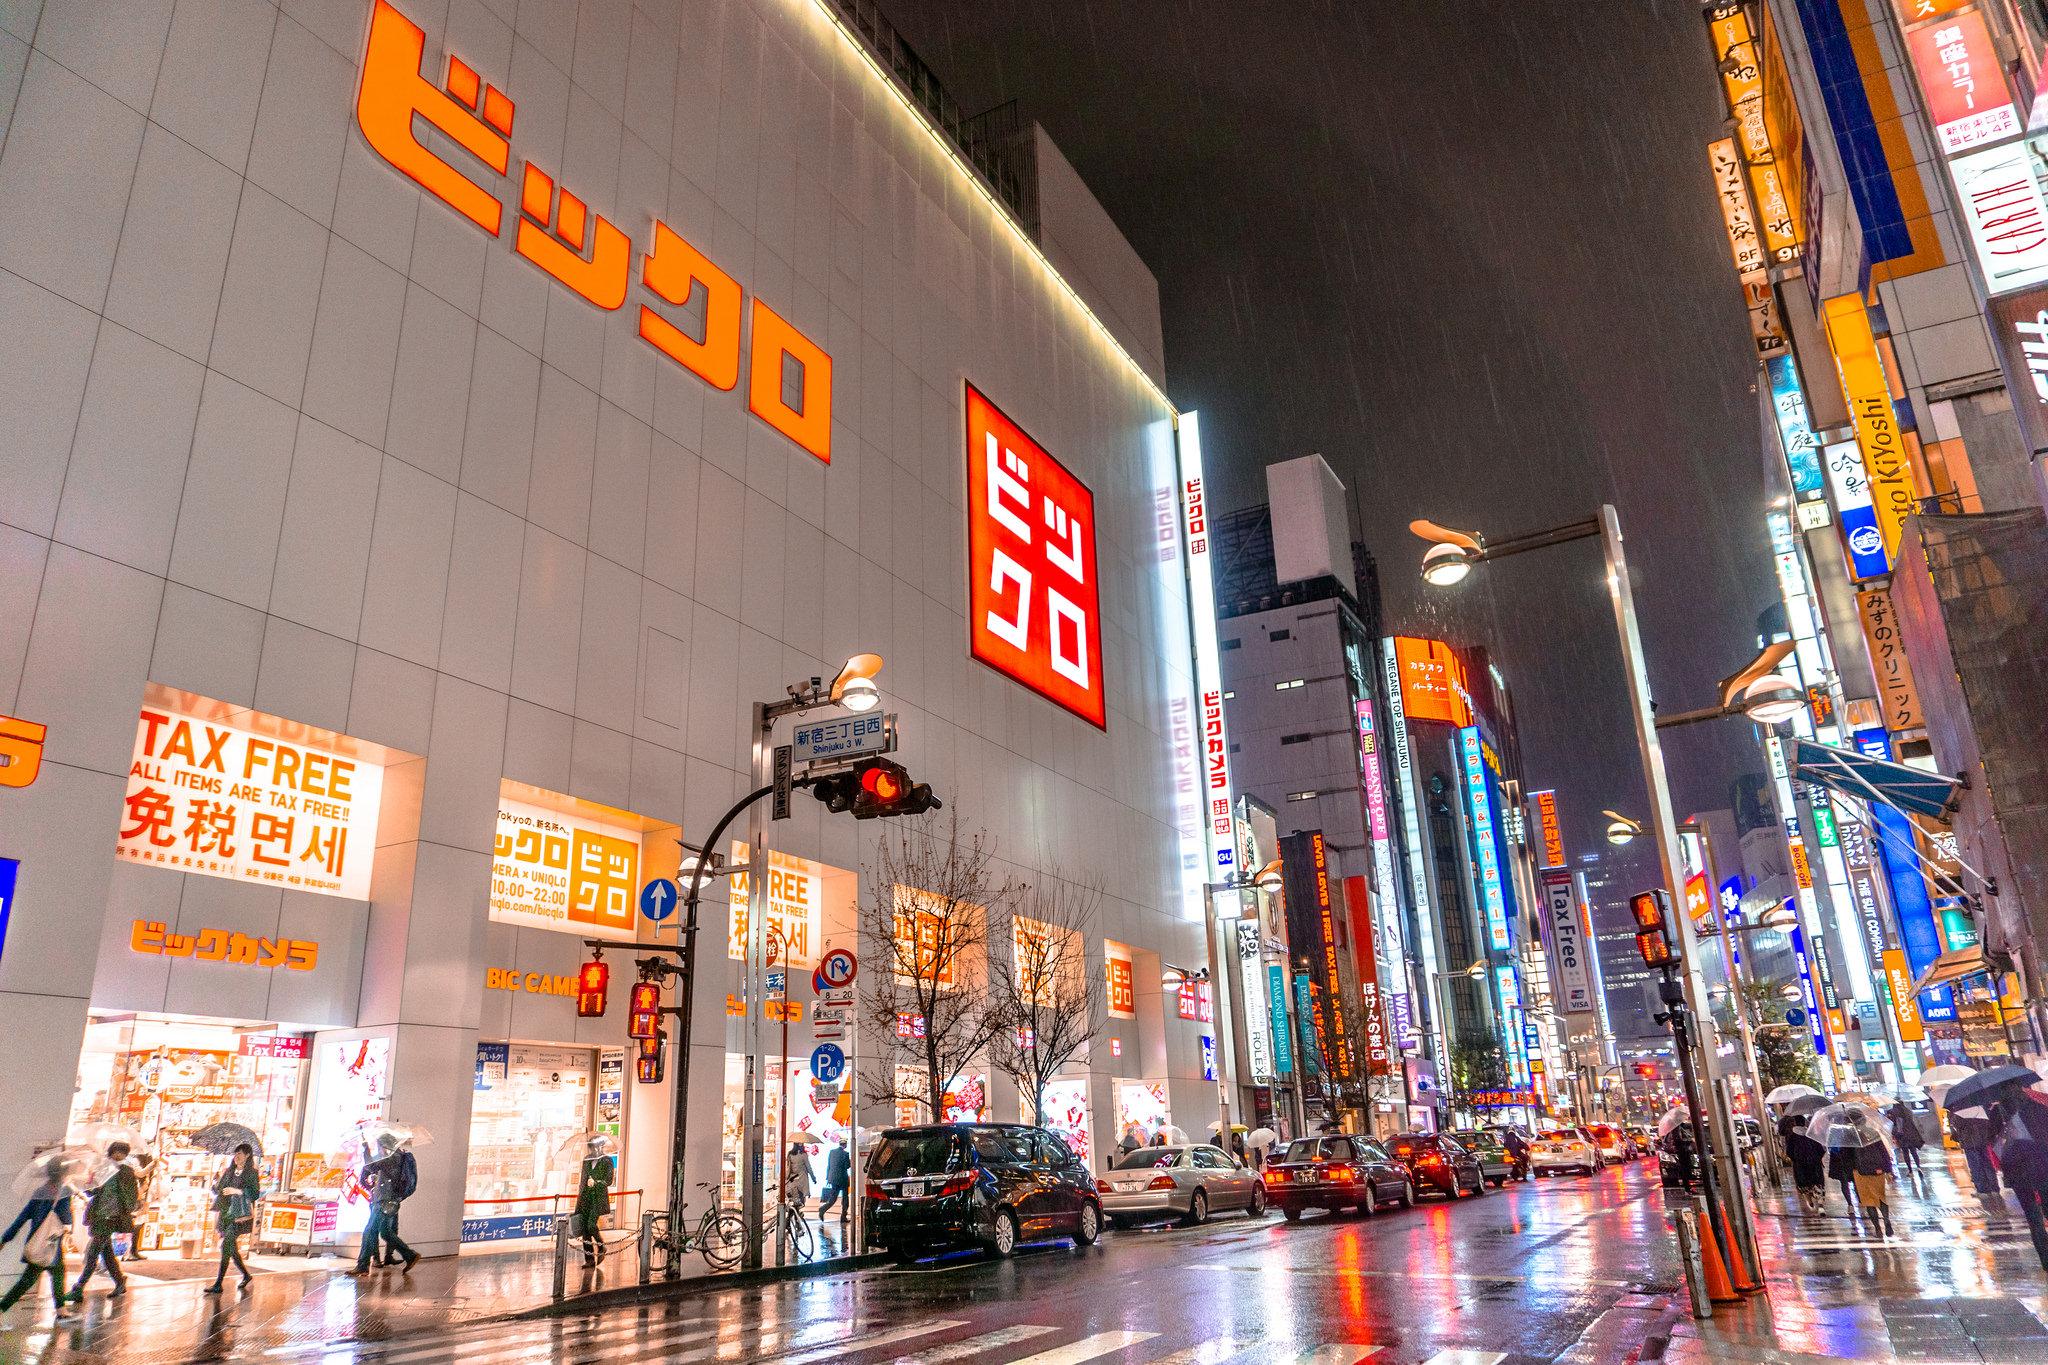 507cccad450 Shopaholic Heaven  Shopping in Shinjuku